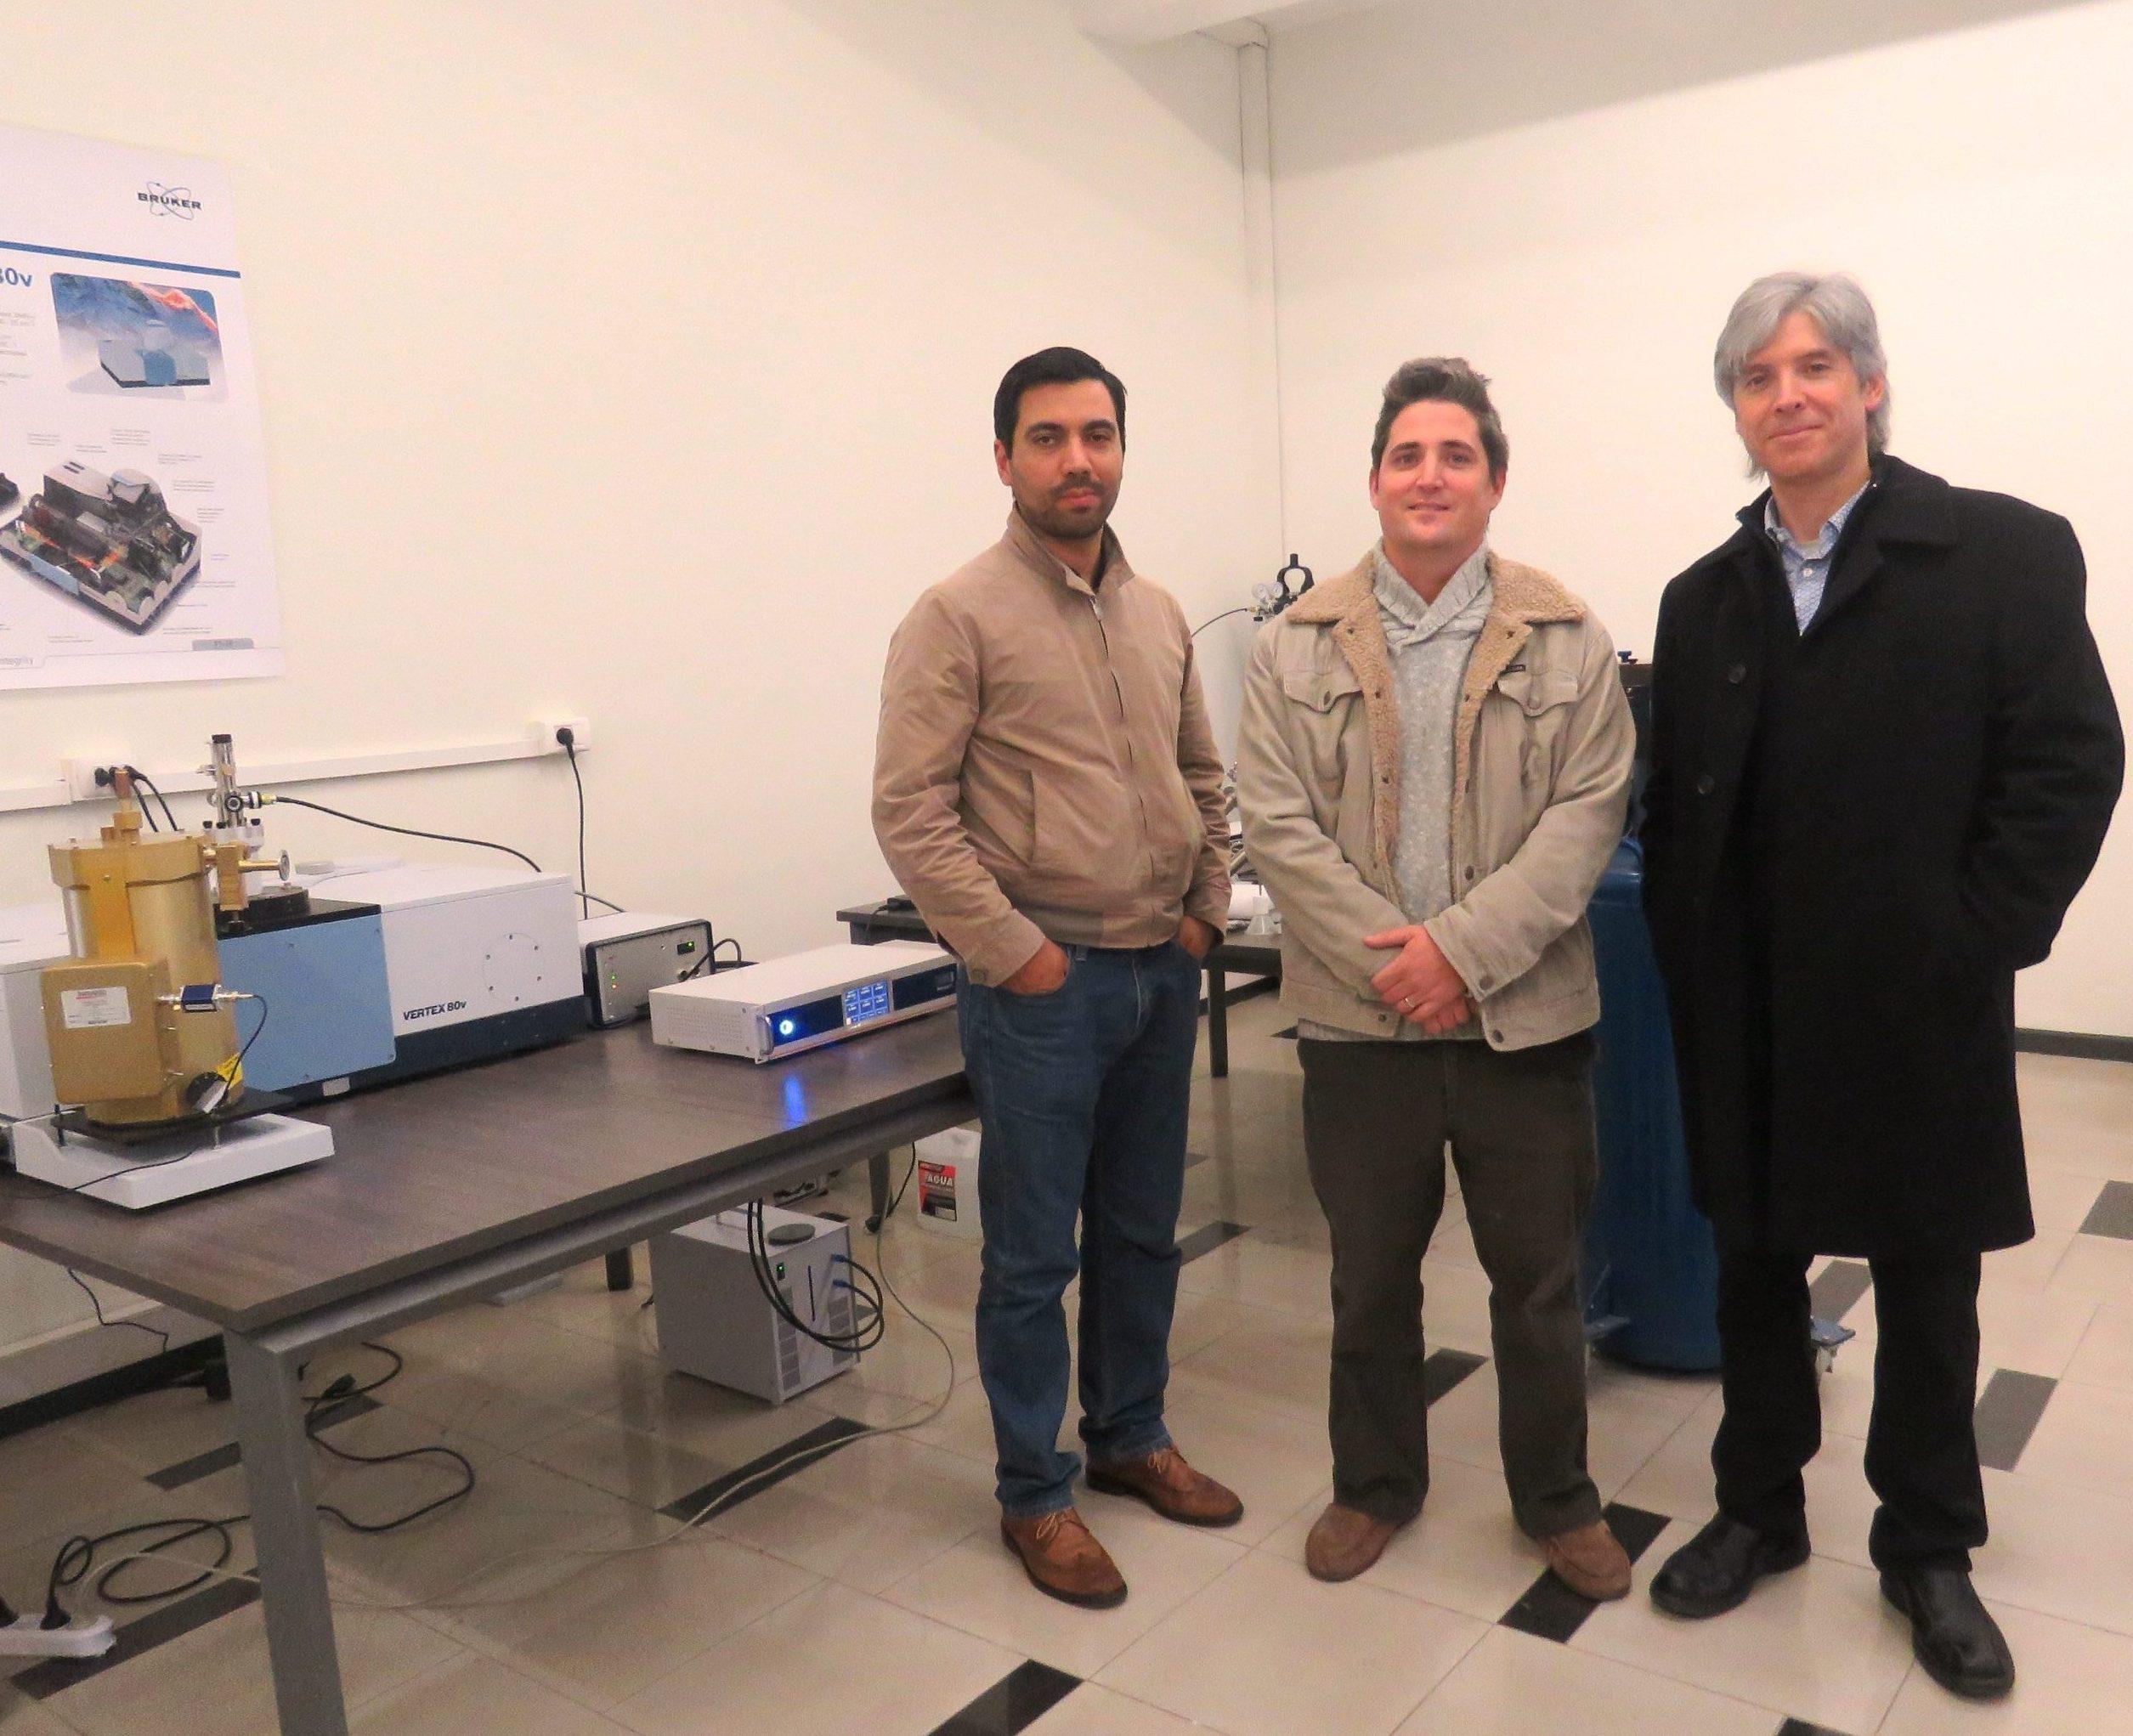 Facultad de Ingeniería inaugura Laboratorio de Polvo Cósmico